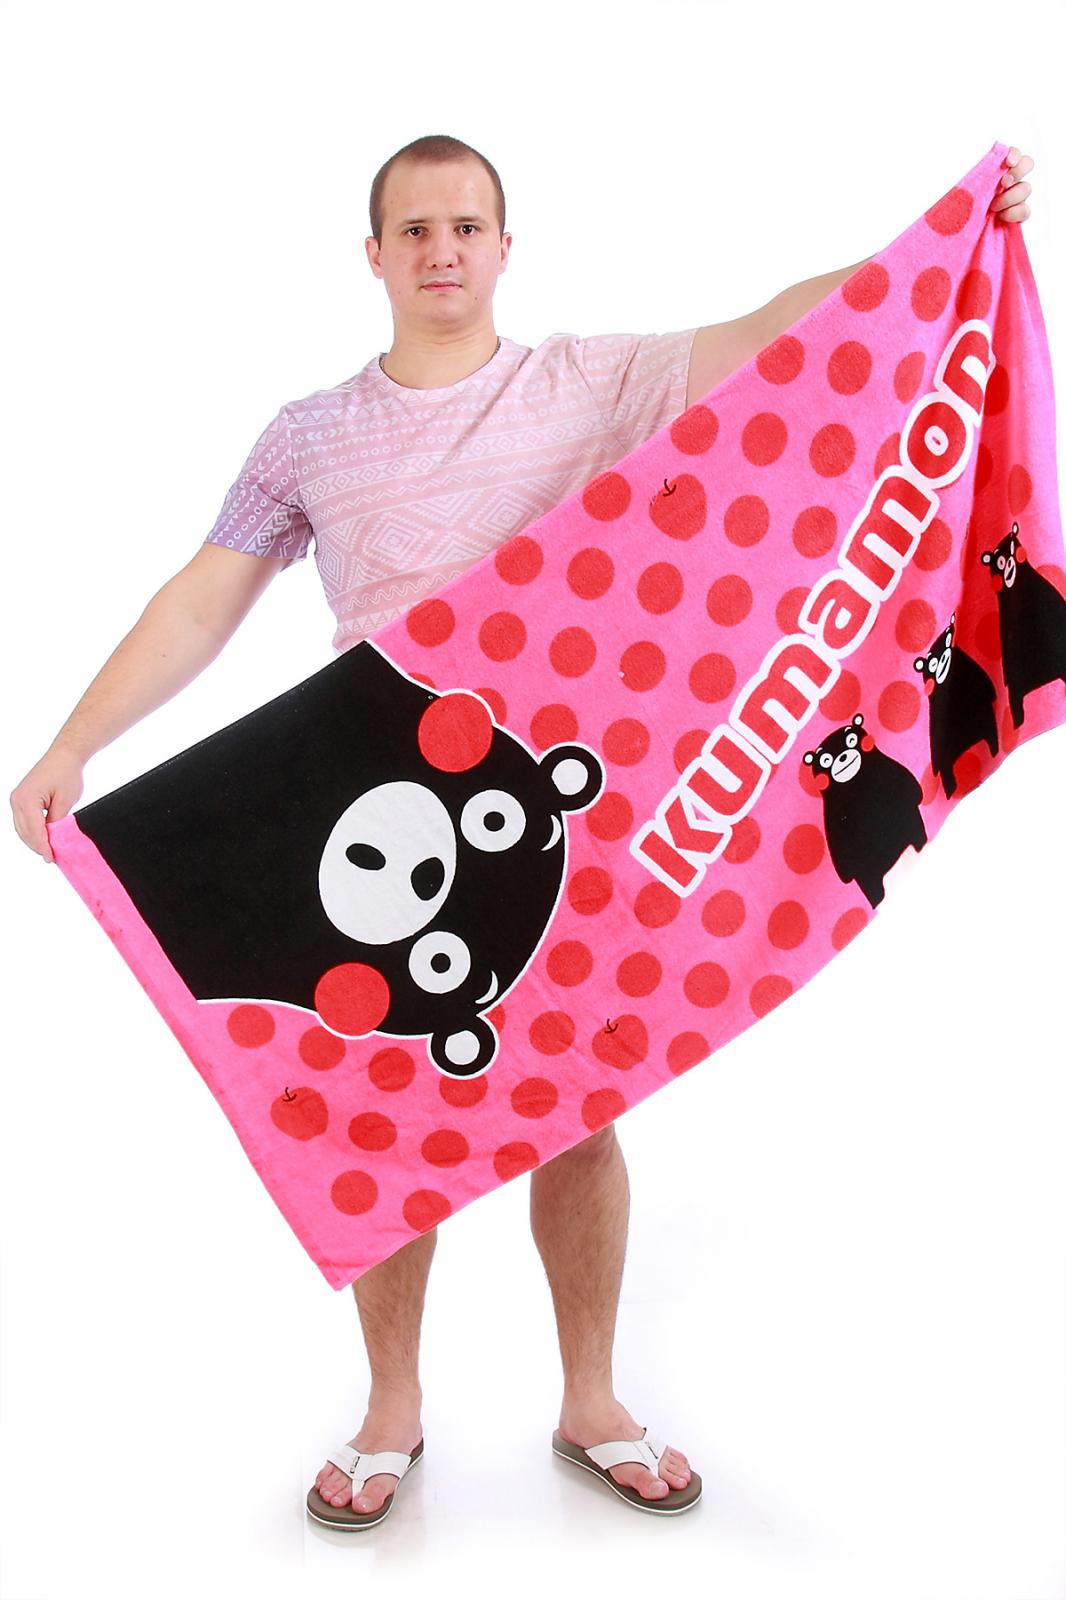 Розовое полотенце Кумамон - заказать в интернет-магазине